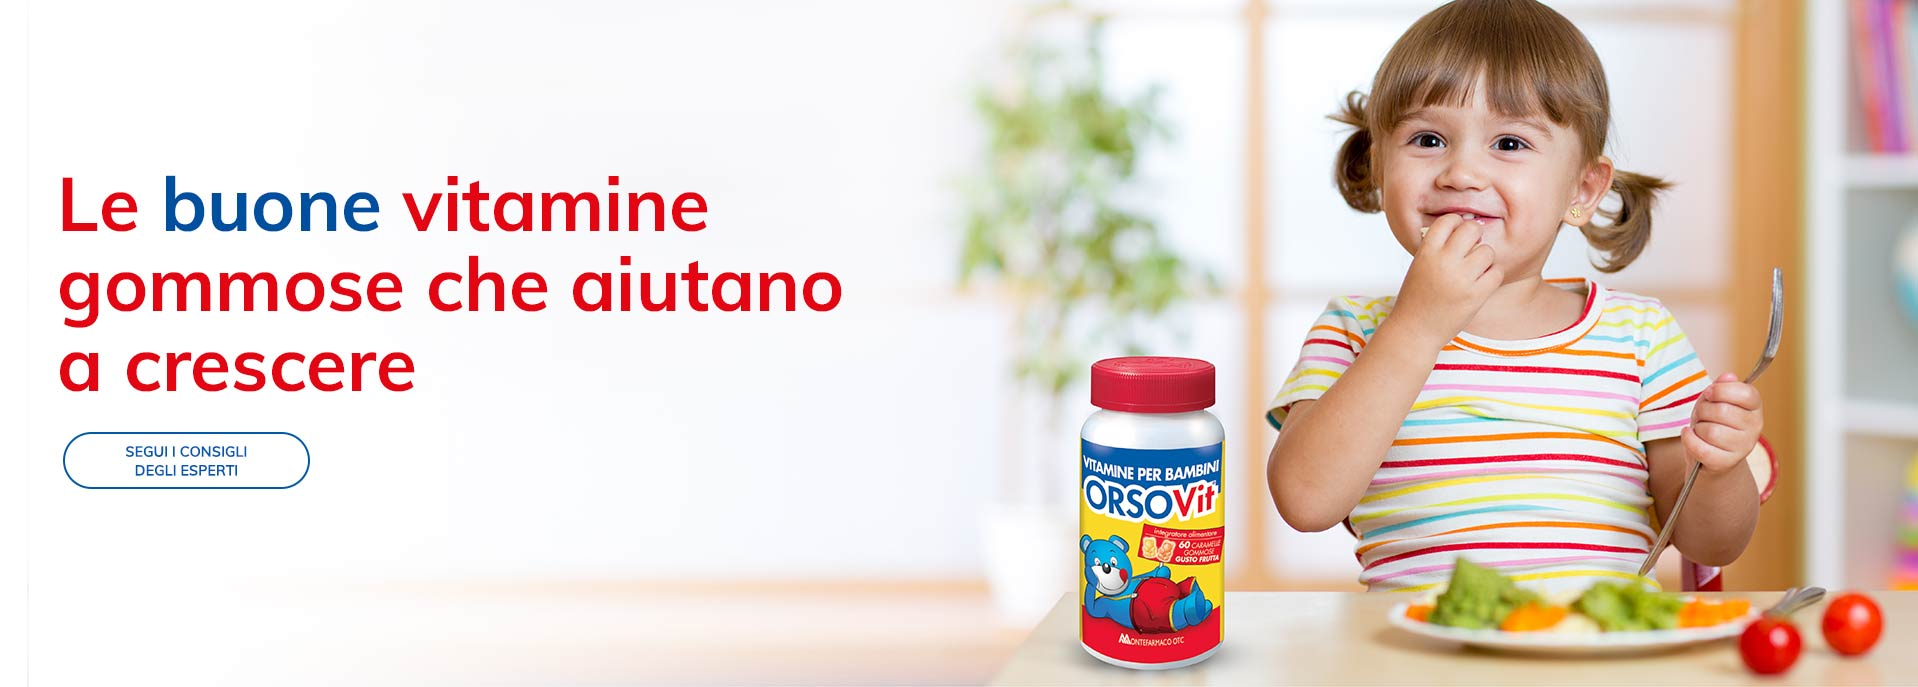 Vitamine gommose aiutano crescere salute bambini Orsovit